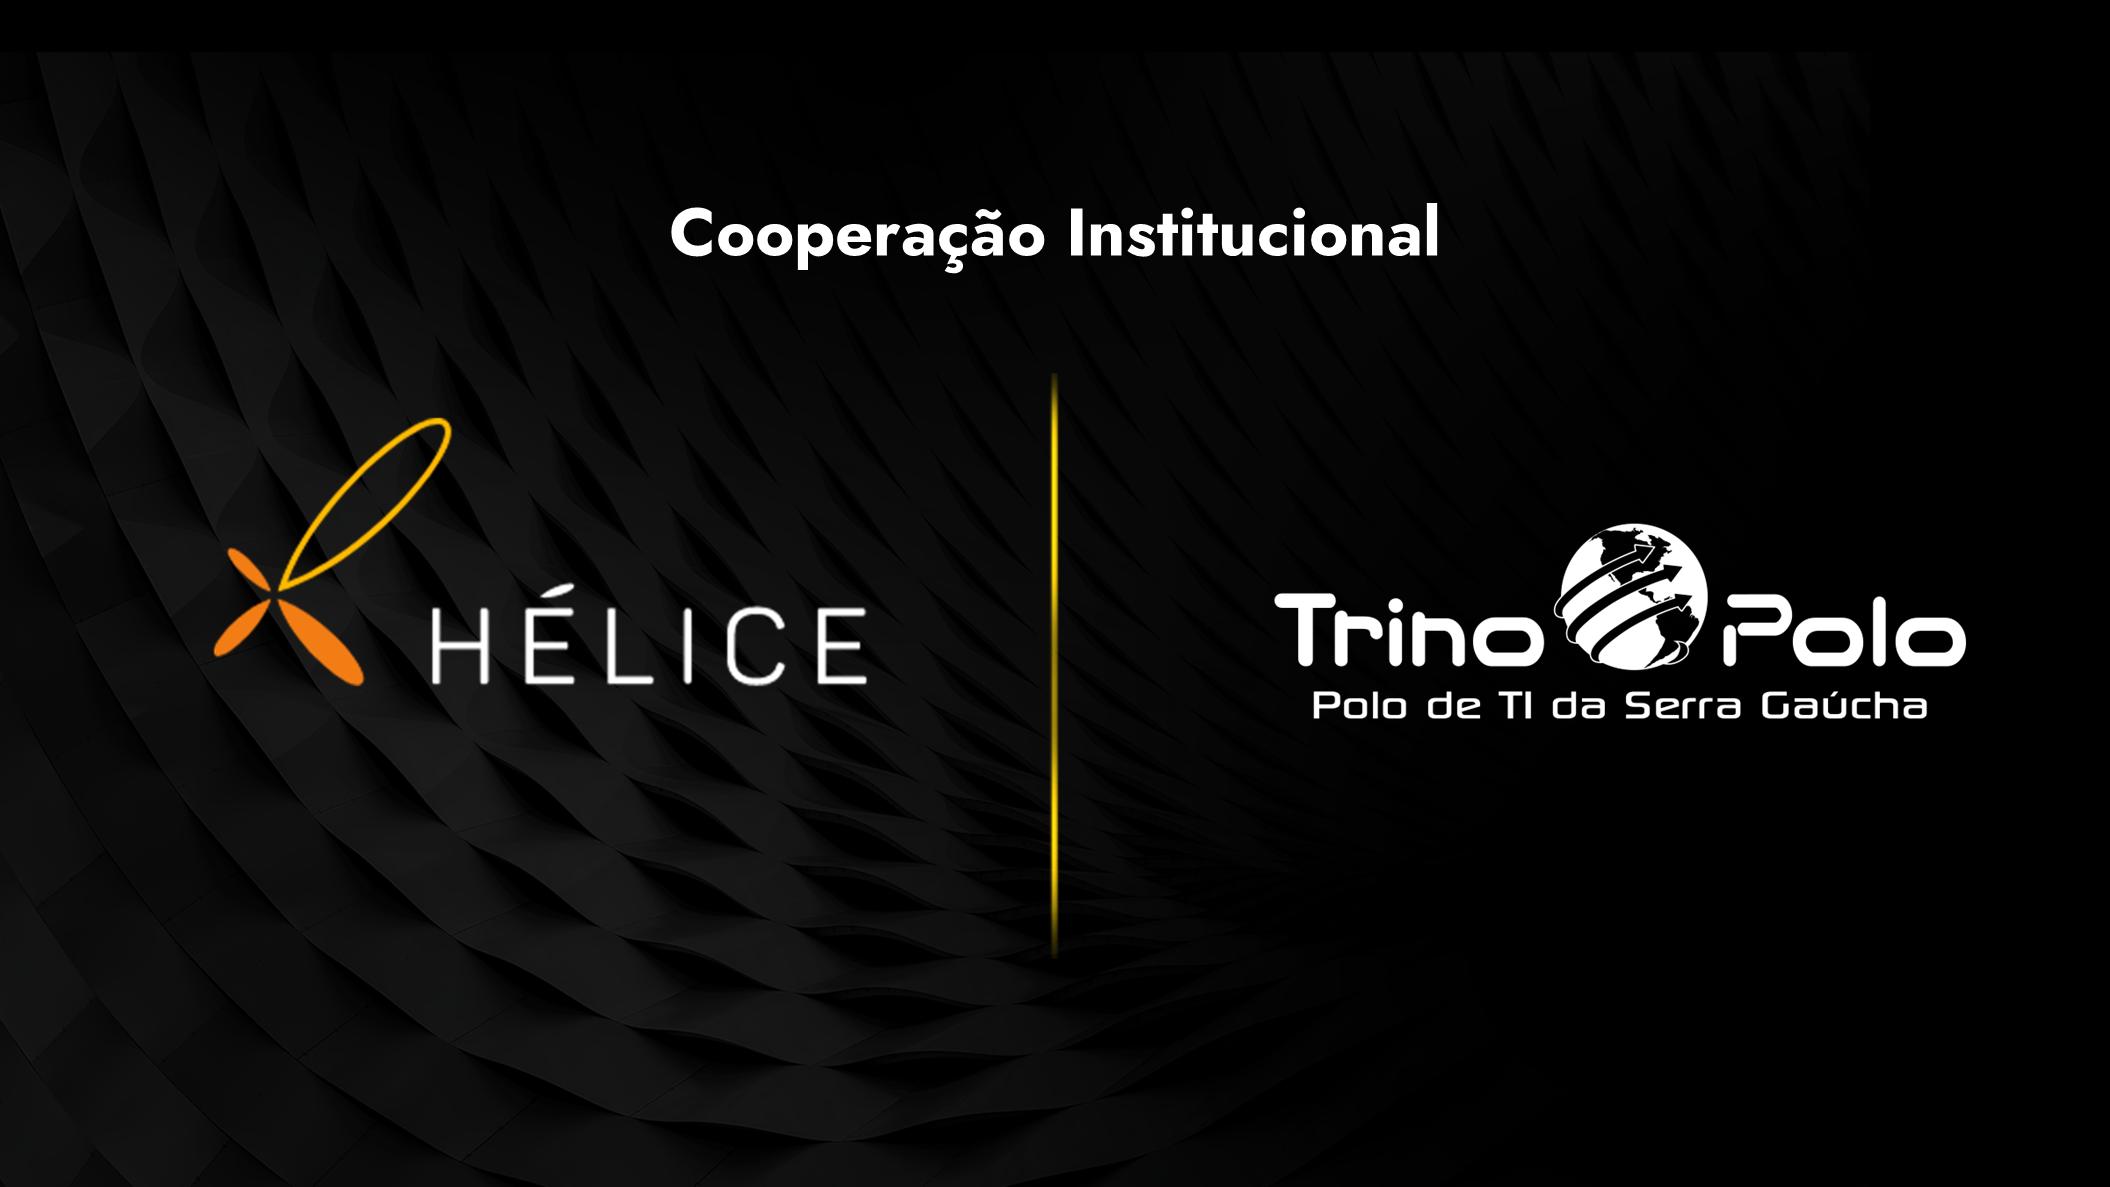 Capa - Instituto Hélice e Trino Polo oficializam parceria em movimento para desenvolver ecossistema de inovação da Serra Gaúcha